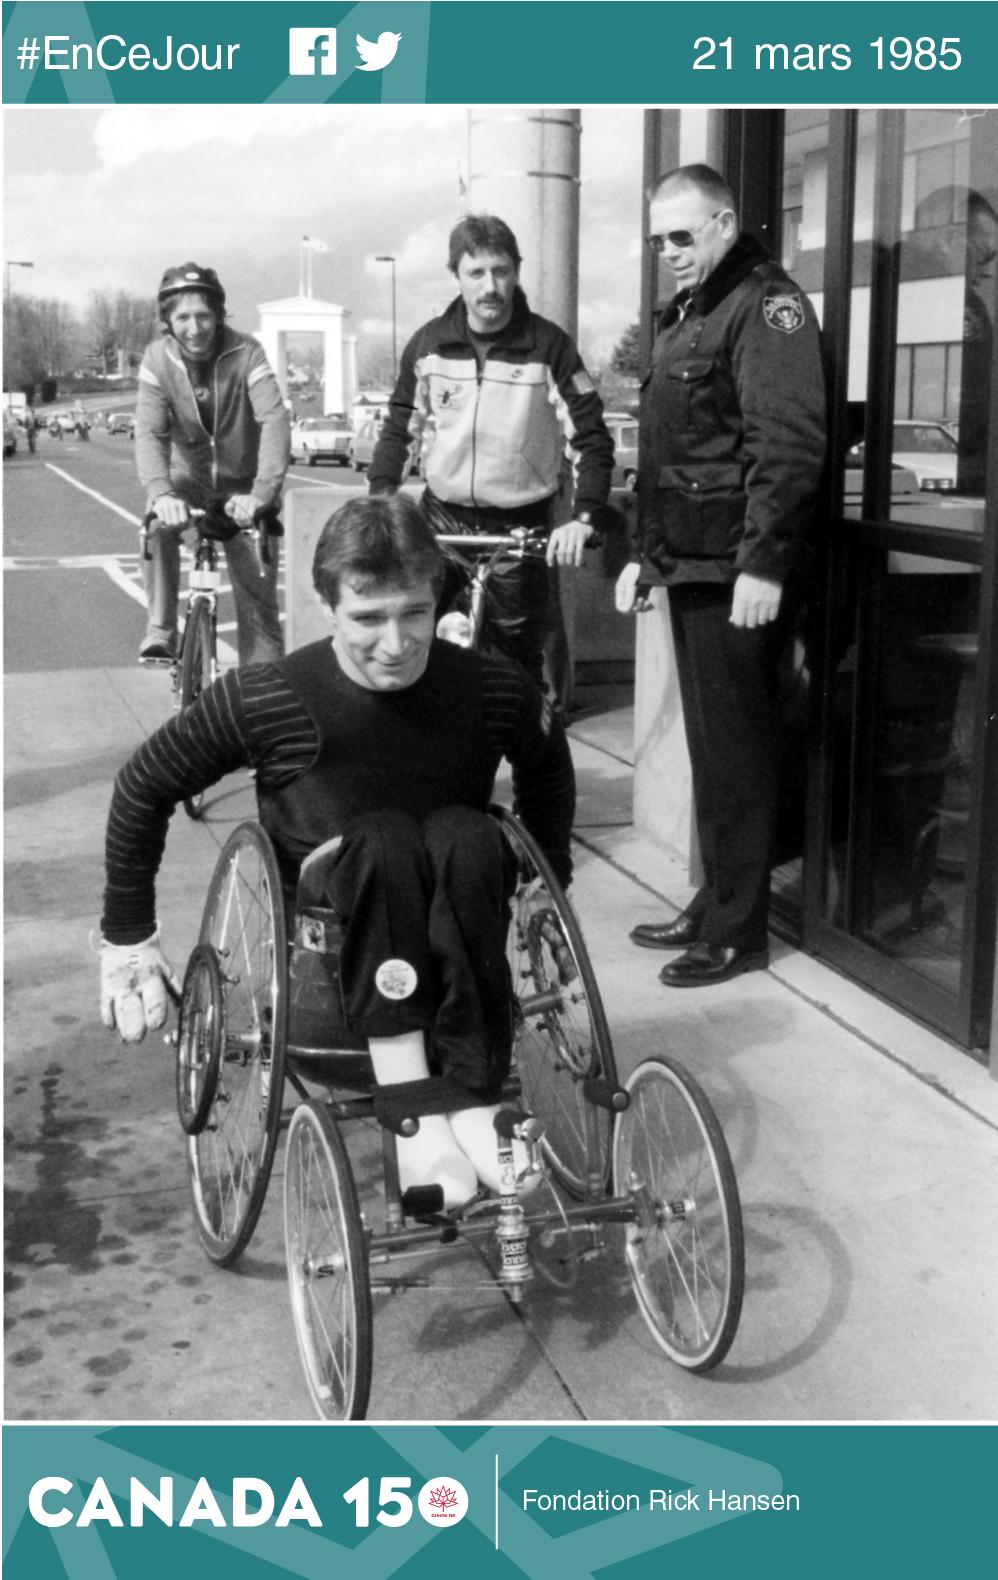 Rick Hansen au passage frontalier Canada–États-Unis de Peace Arch, le 21 mars 1985, alors qu'il s'apprête à passer la frontière.